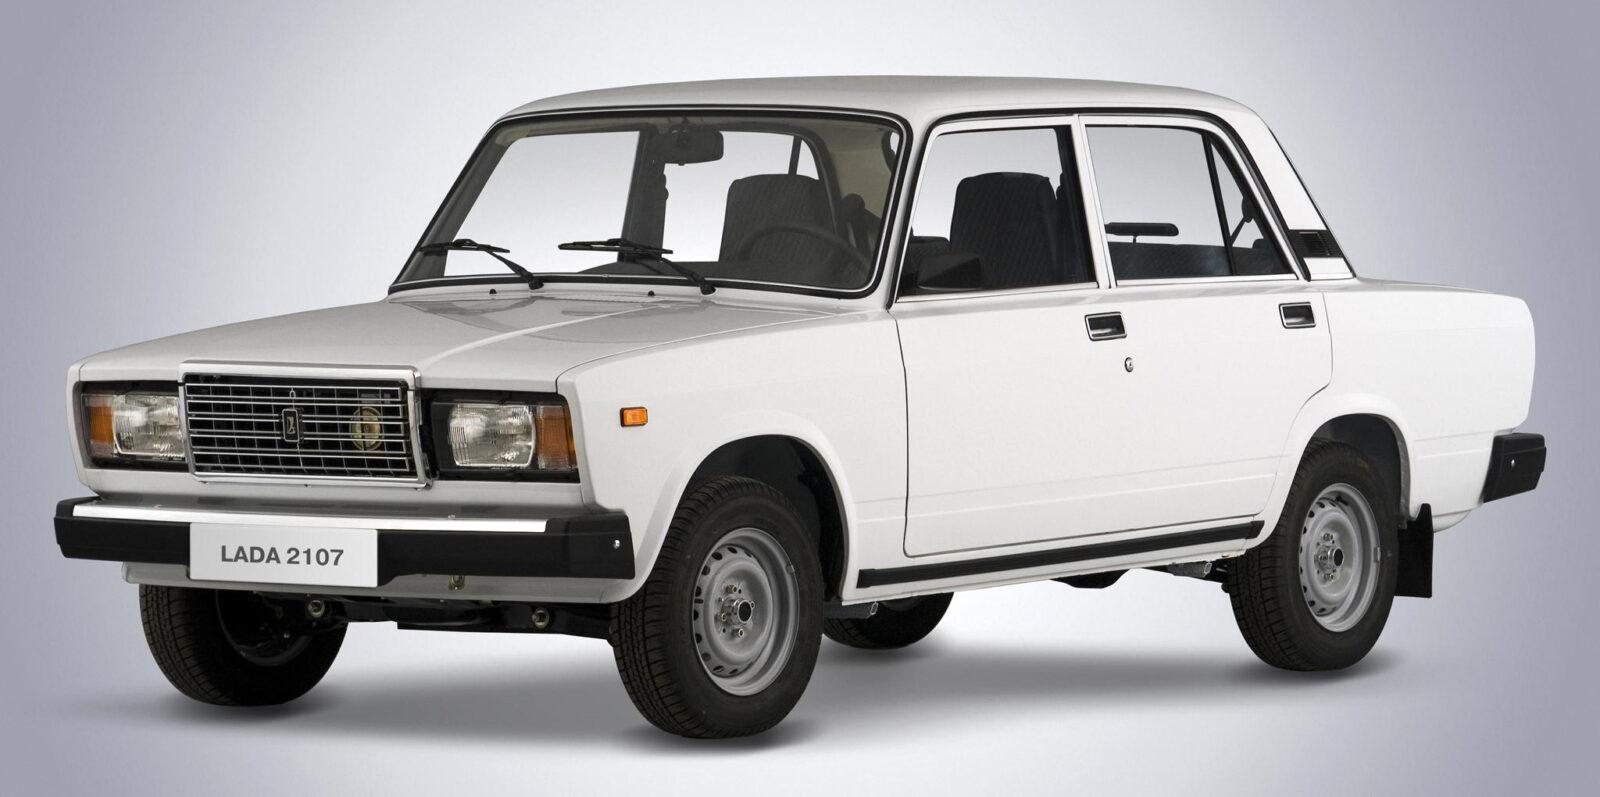 Узбекистан с 1 июня приостановил оформление продаж автомобилей из стран СНГ